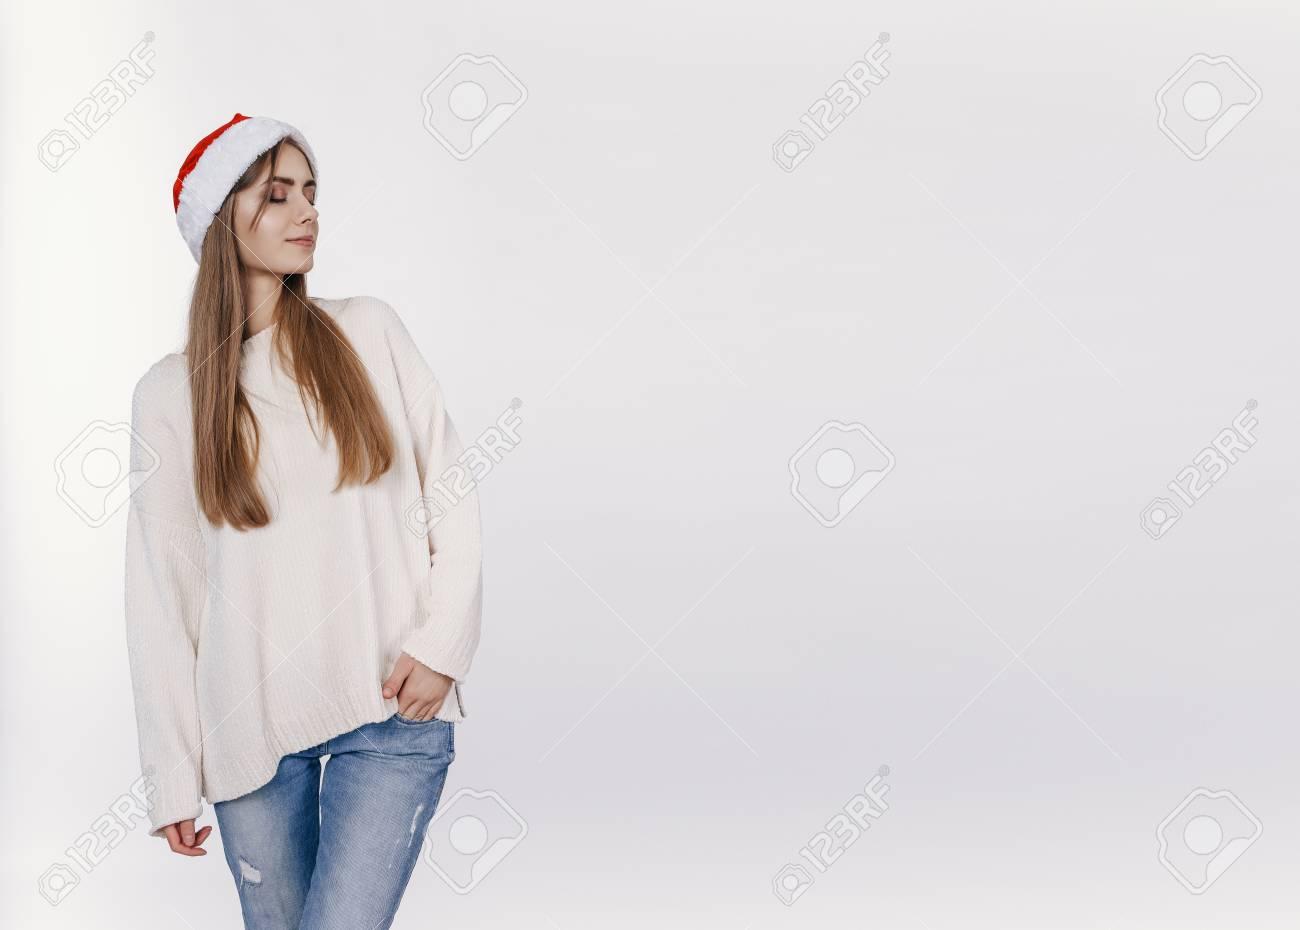 Image De Noel Fille.Potrait Complet Moyen De Femme Au Bonnet De Noel Fille Redoute A Propos De Son Cadeau A Noel Jolie Jeune Mannequin Avec Des Cheveux Longs Blonds De